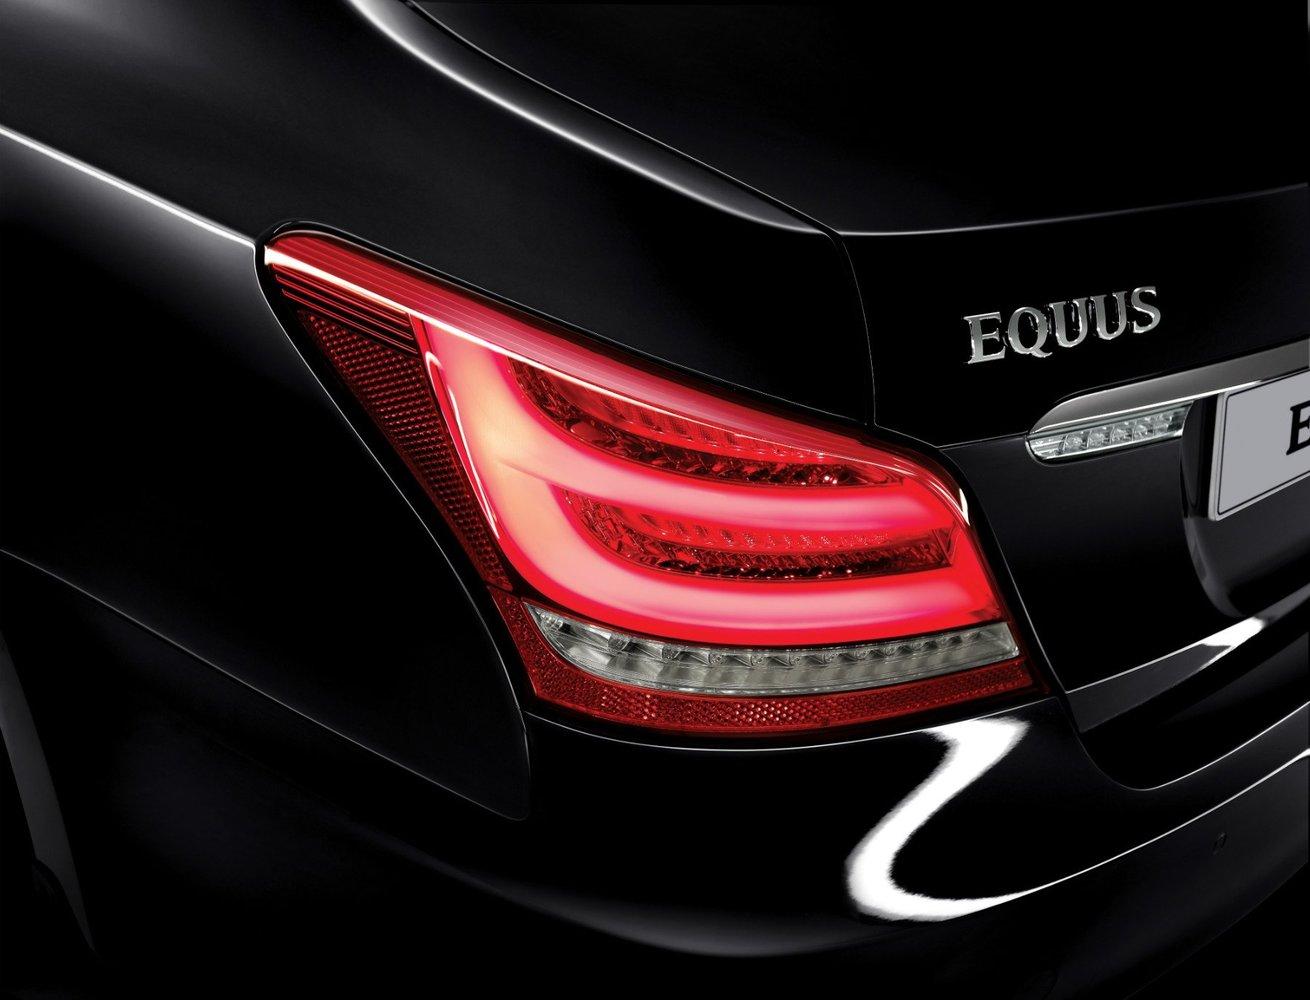 Hyundai Equus (Хюндай Эквис) 2020 - обзор модели c фото и ...